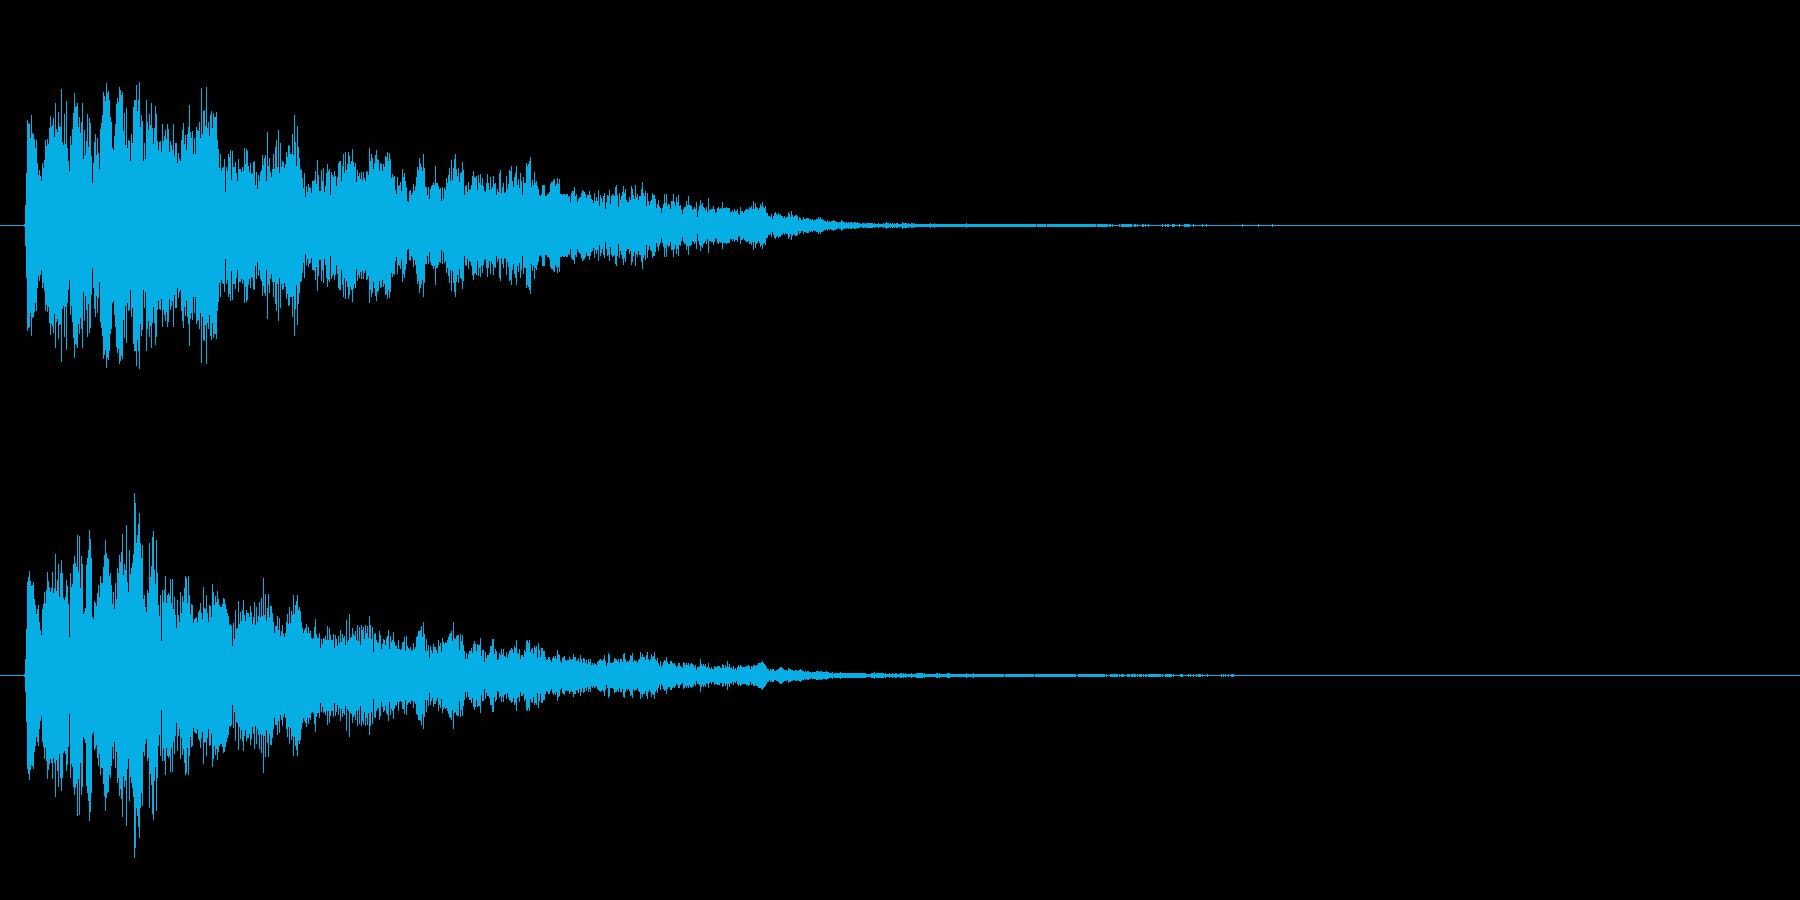 ピロン という感じの効果音の再生済みの波形